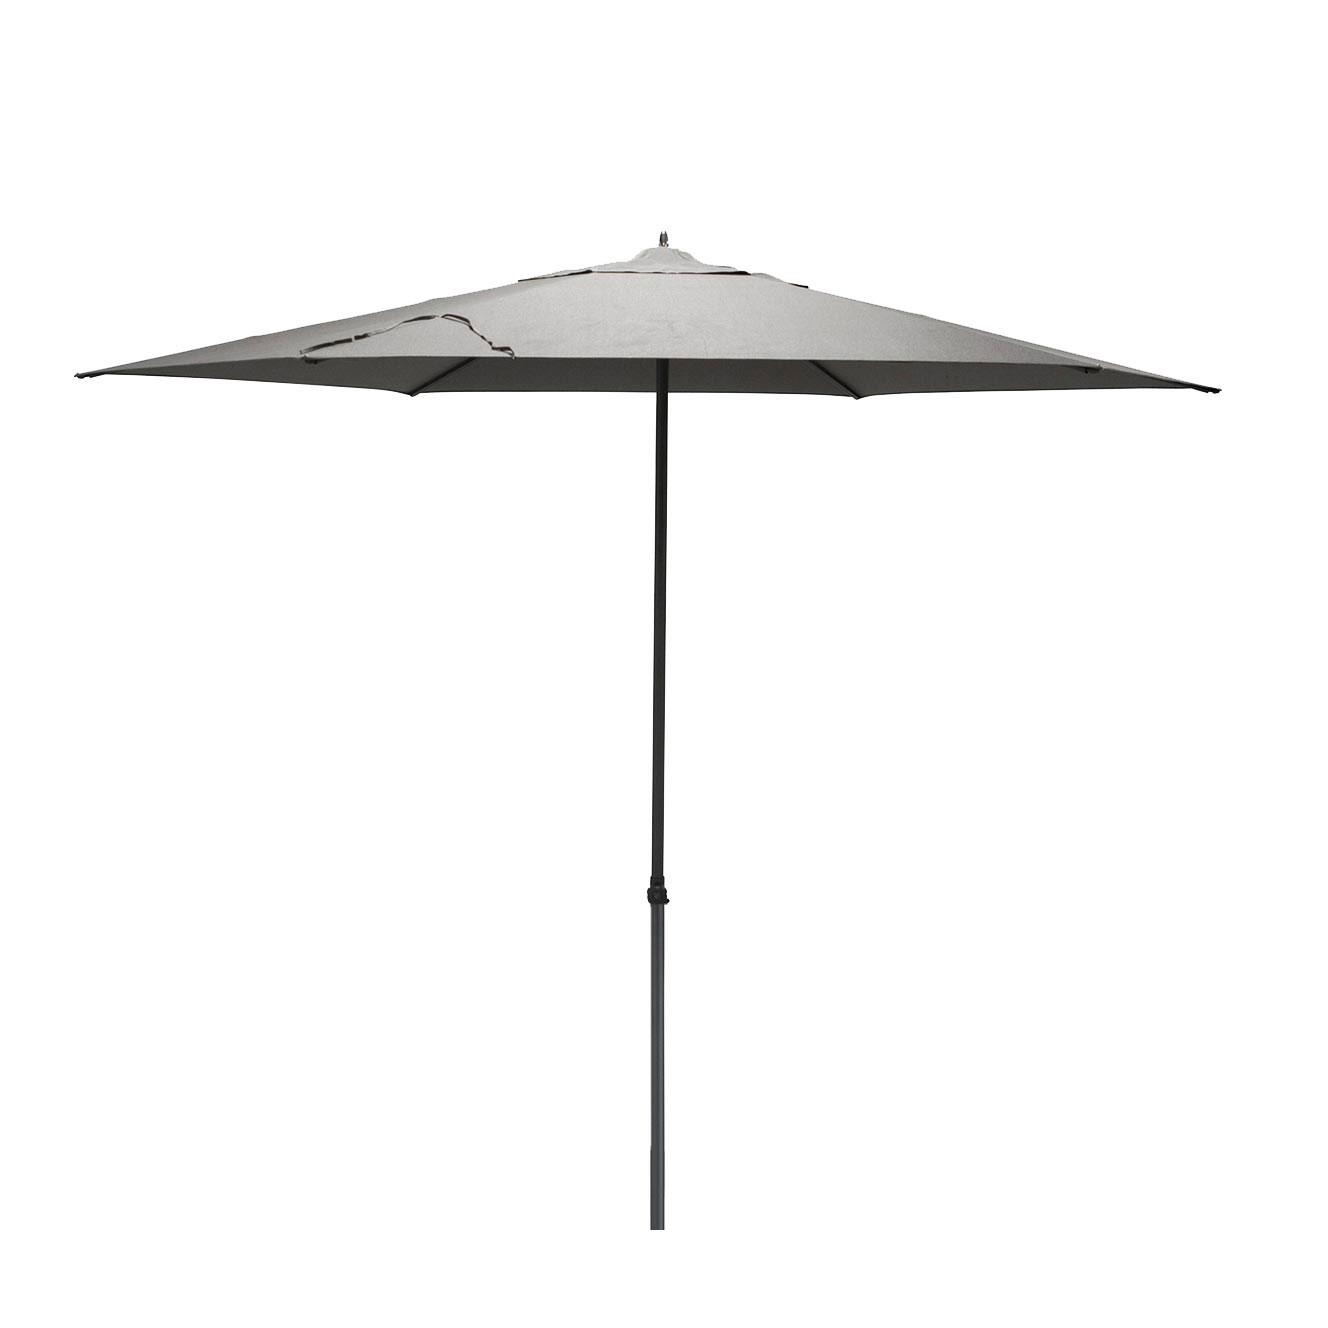 Parasol Azzurro 350cm (charcoal)